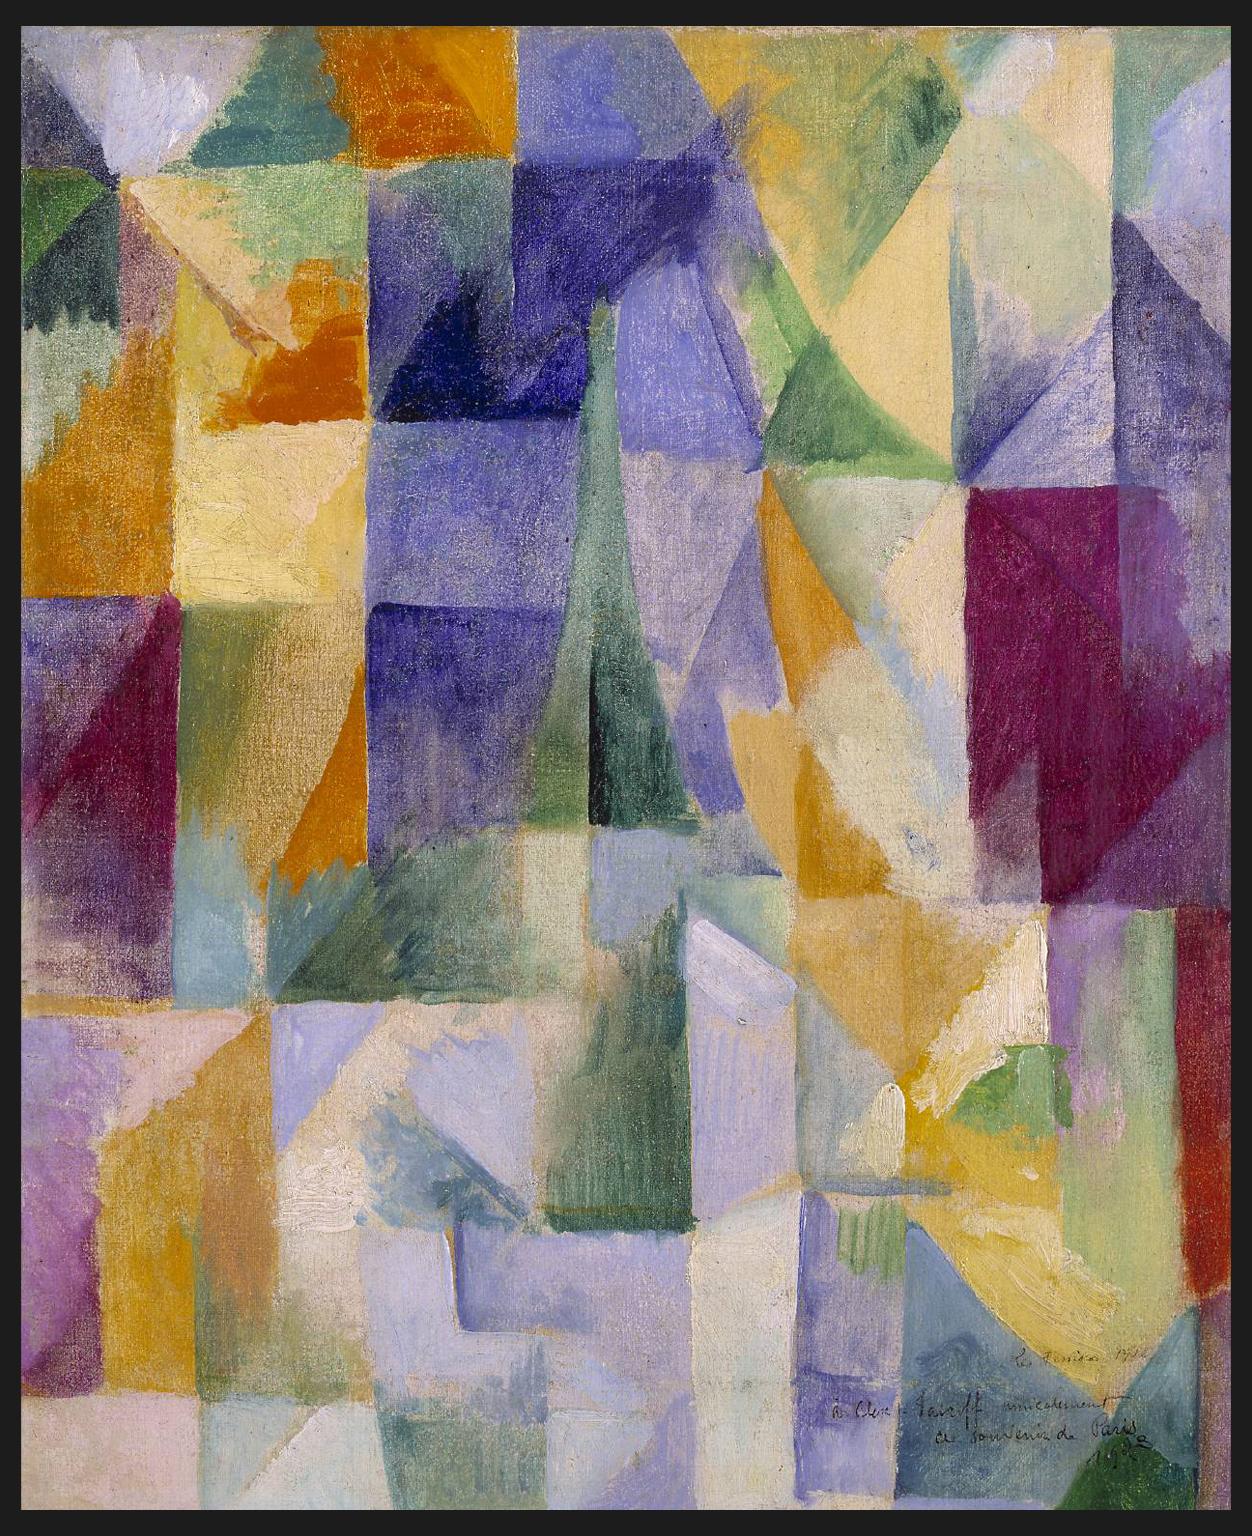 Les Fenêtres [Windows] par Robert_Delaunay (1912)